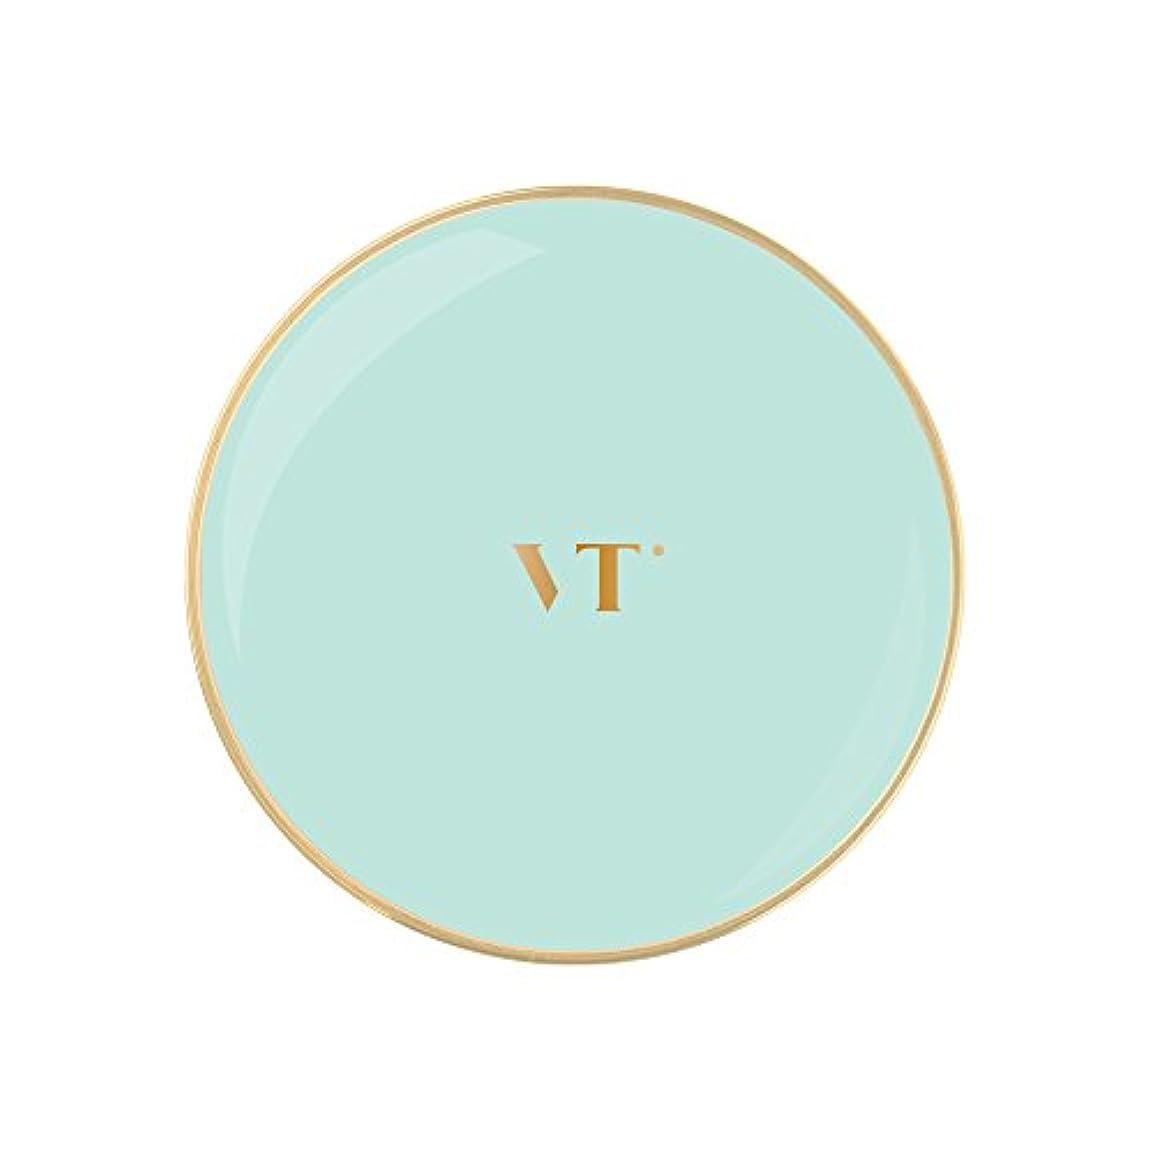 熱帯の侵入エスカレーターVT Blue Collagen Pact 11g/ブイティー ブルー コラーゲン パクト 11g (#21) [並行輸入品]